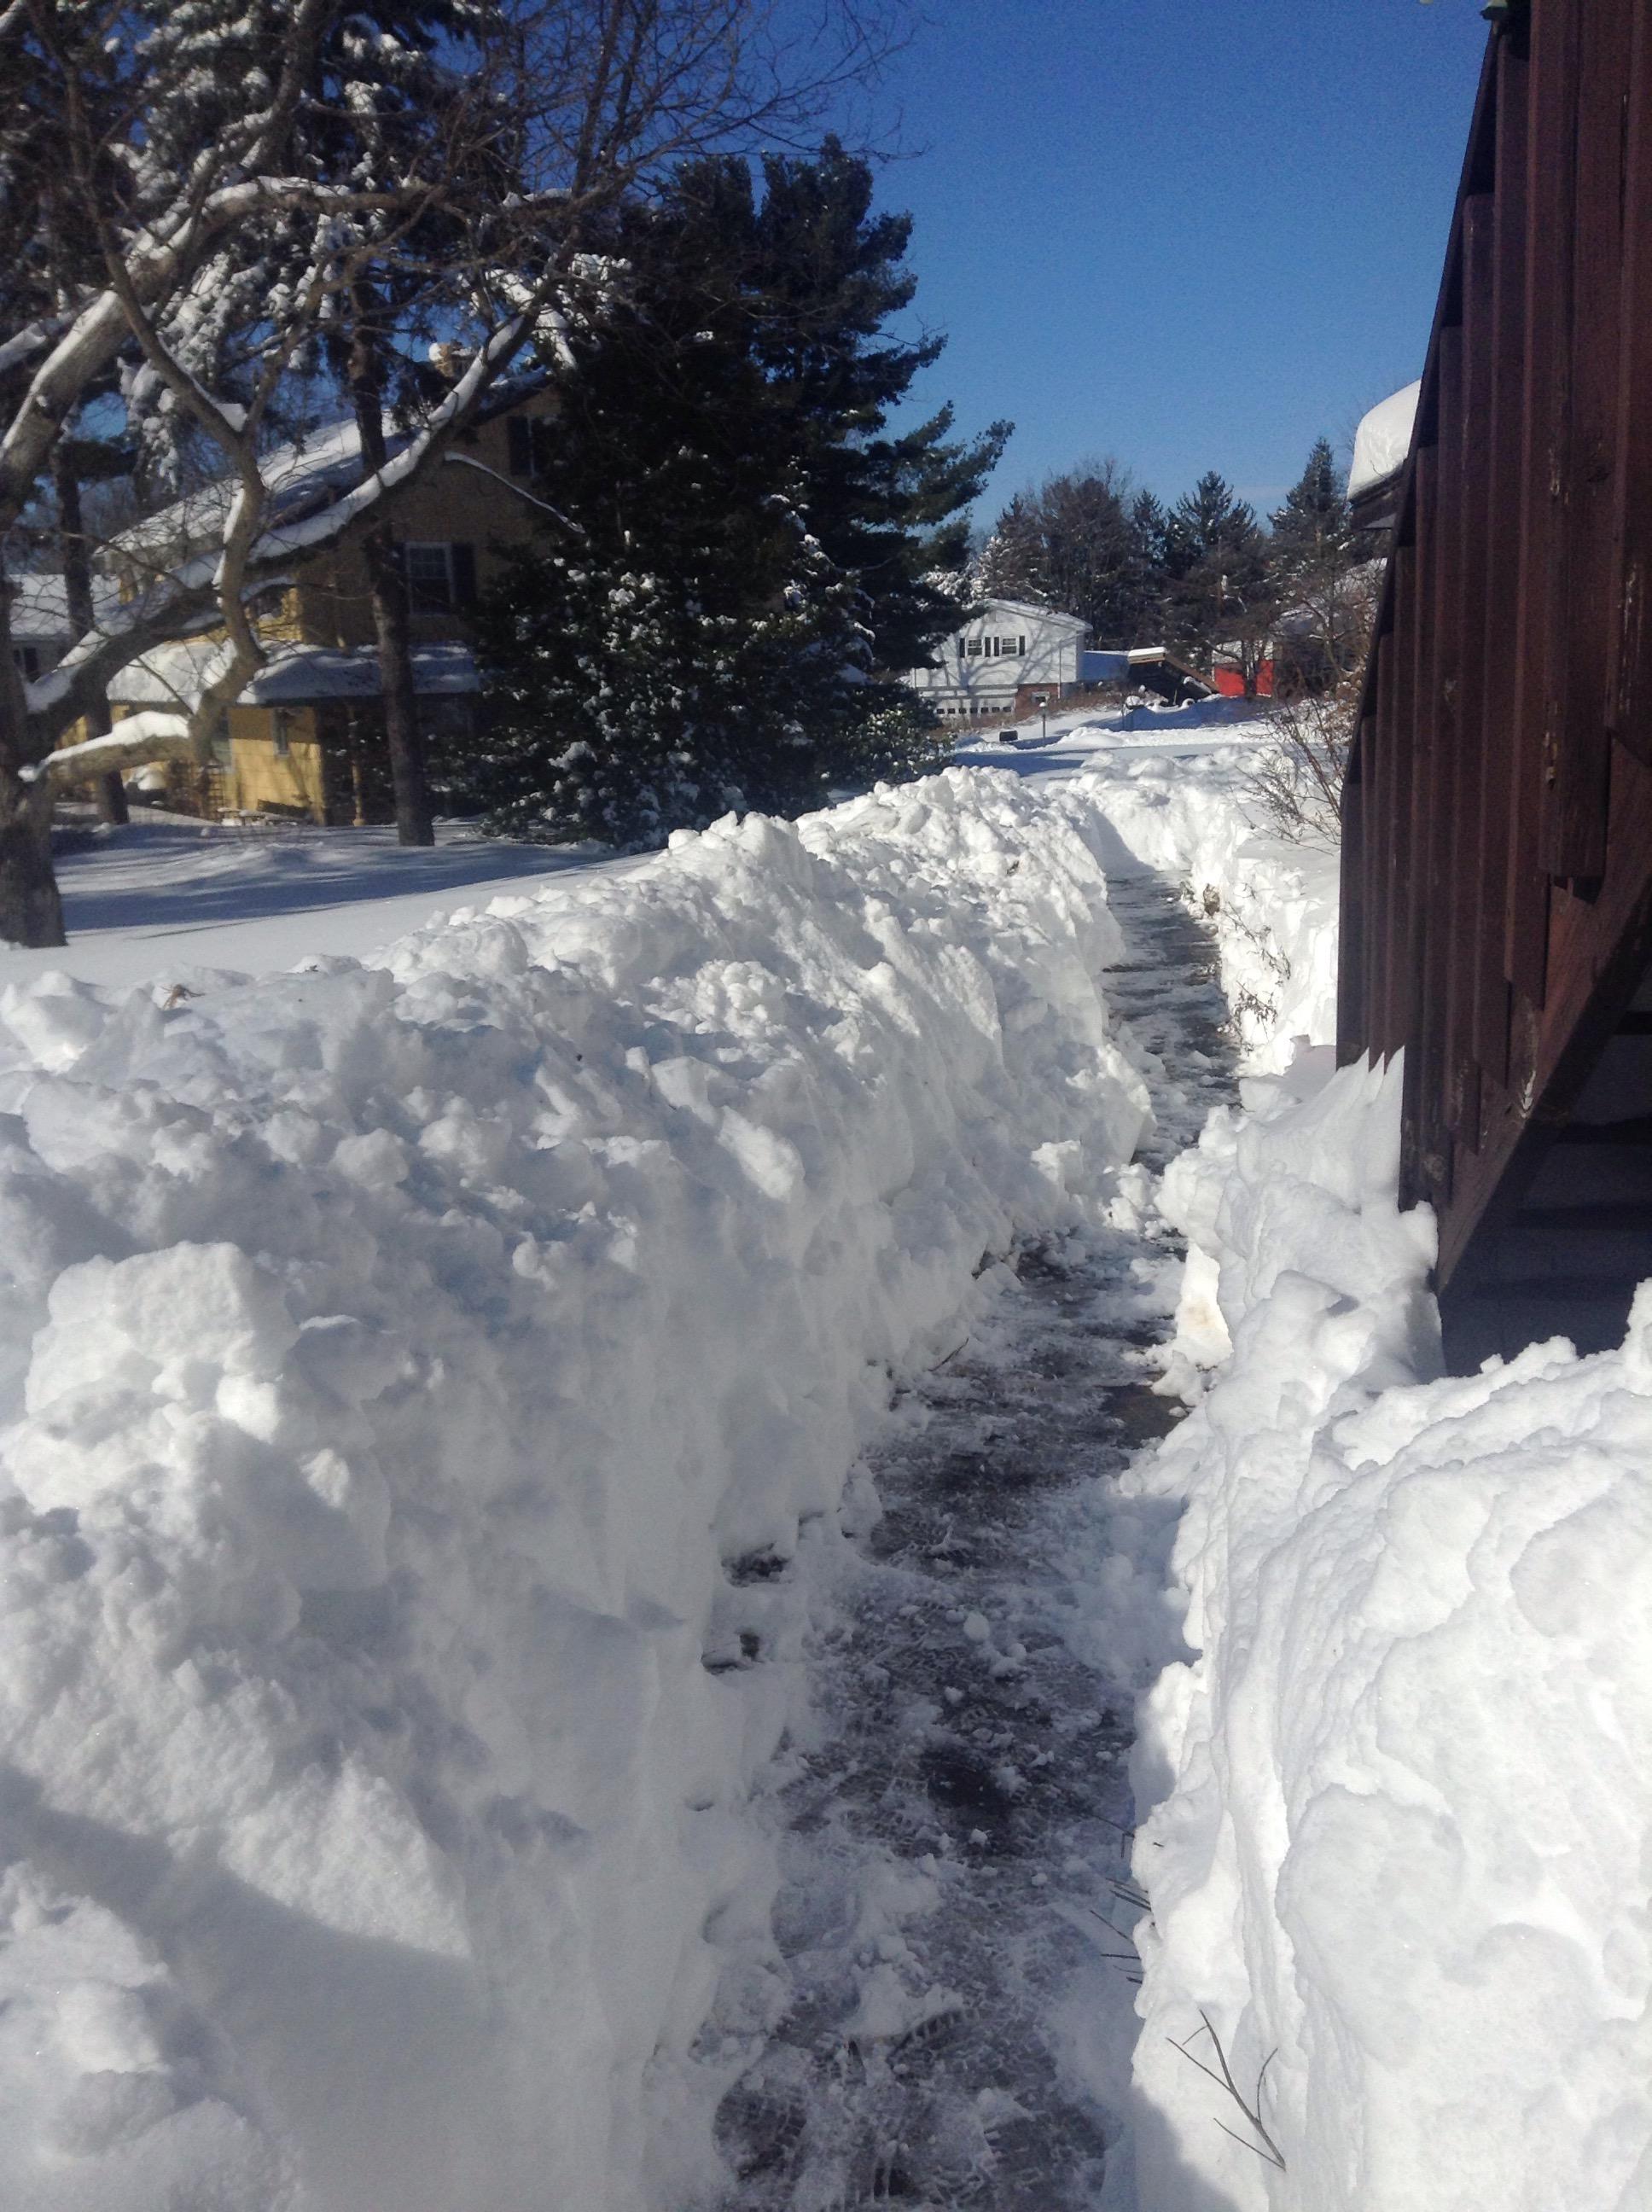 shoveled walkway